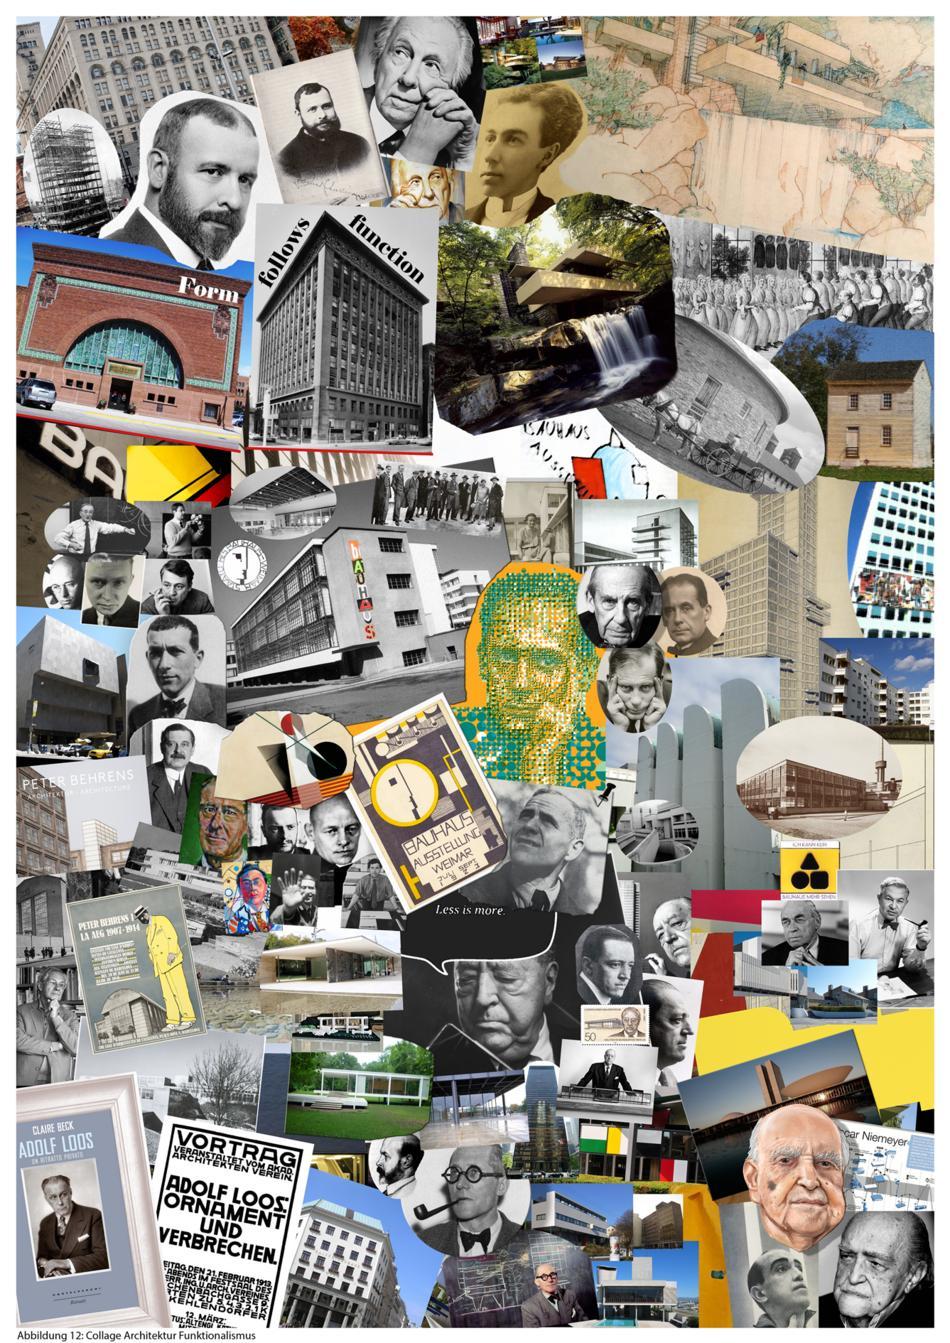 Collage Architektur Funktionalismus